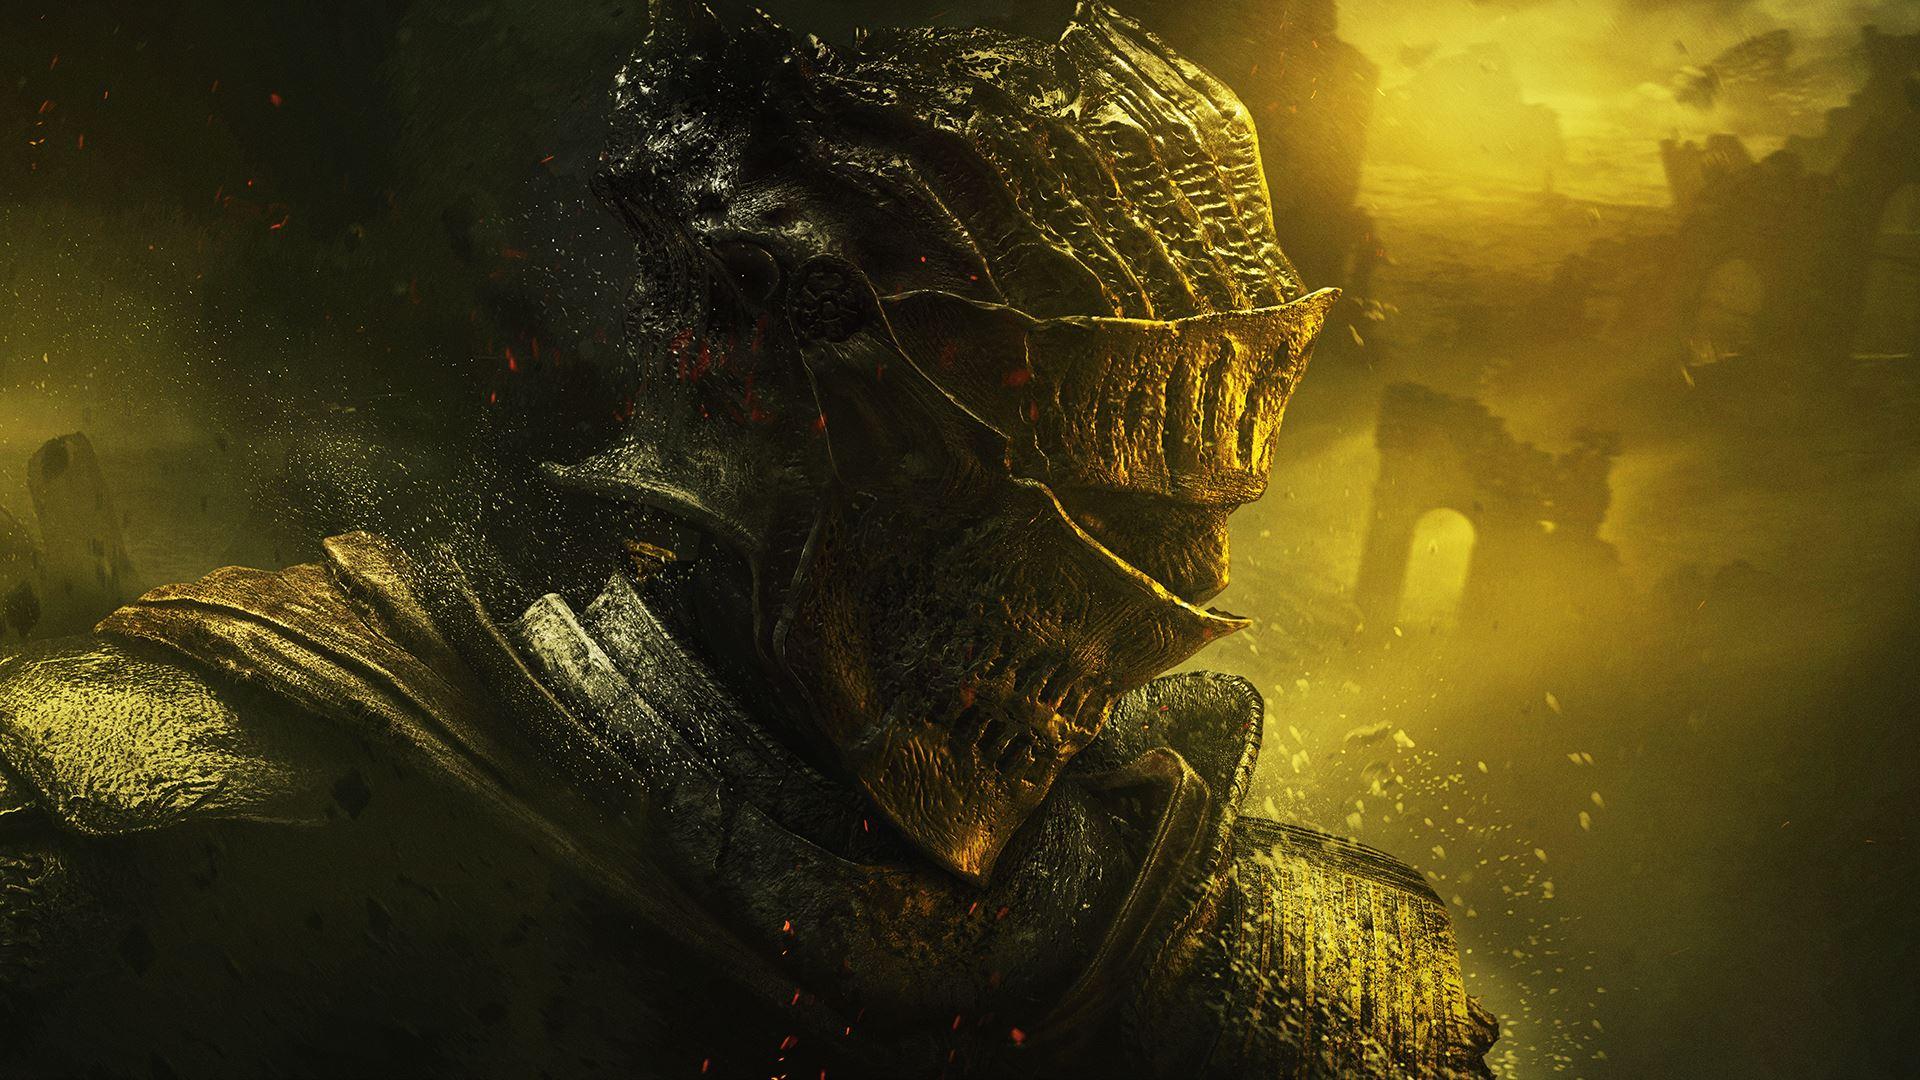 زیبا ترین عکس های بازی Dark Souls 3